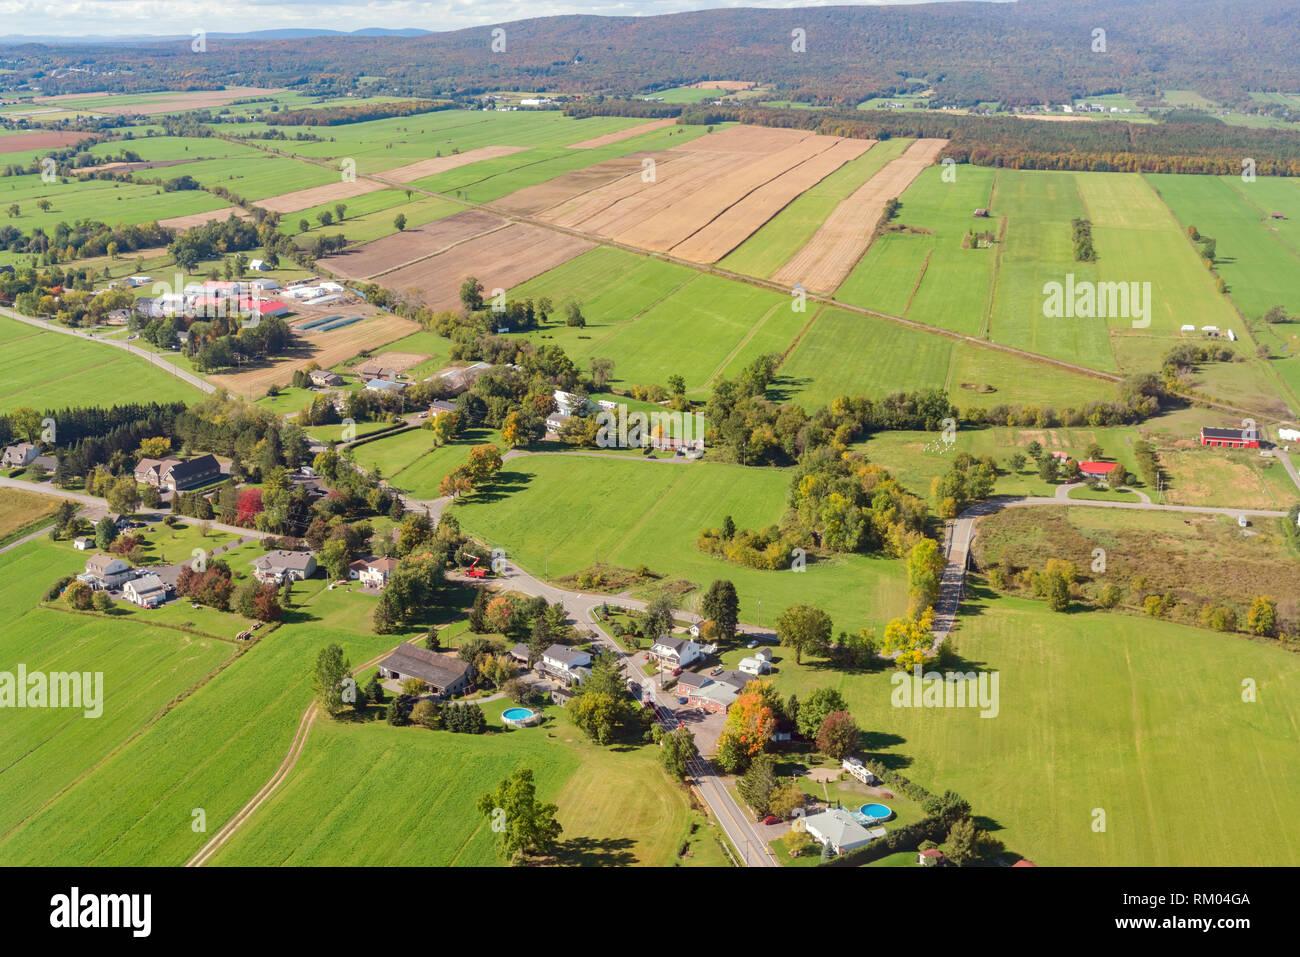 Vue Aerienne D Une Partie Du Paysage Rural Pres De L Aeroport De Quebec Au Canada Photo Stock Alamy